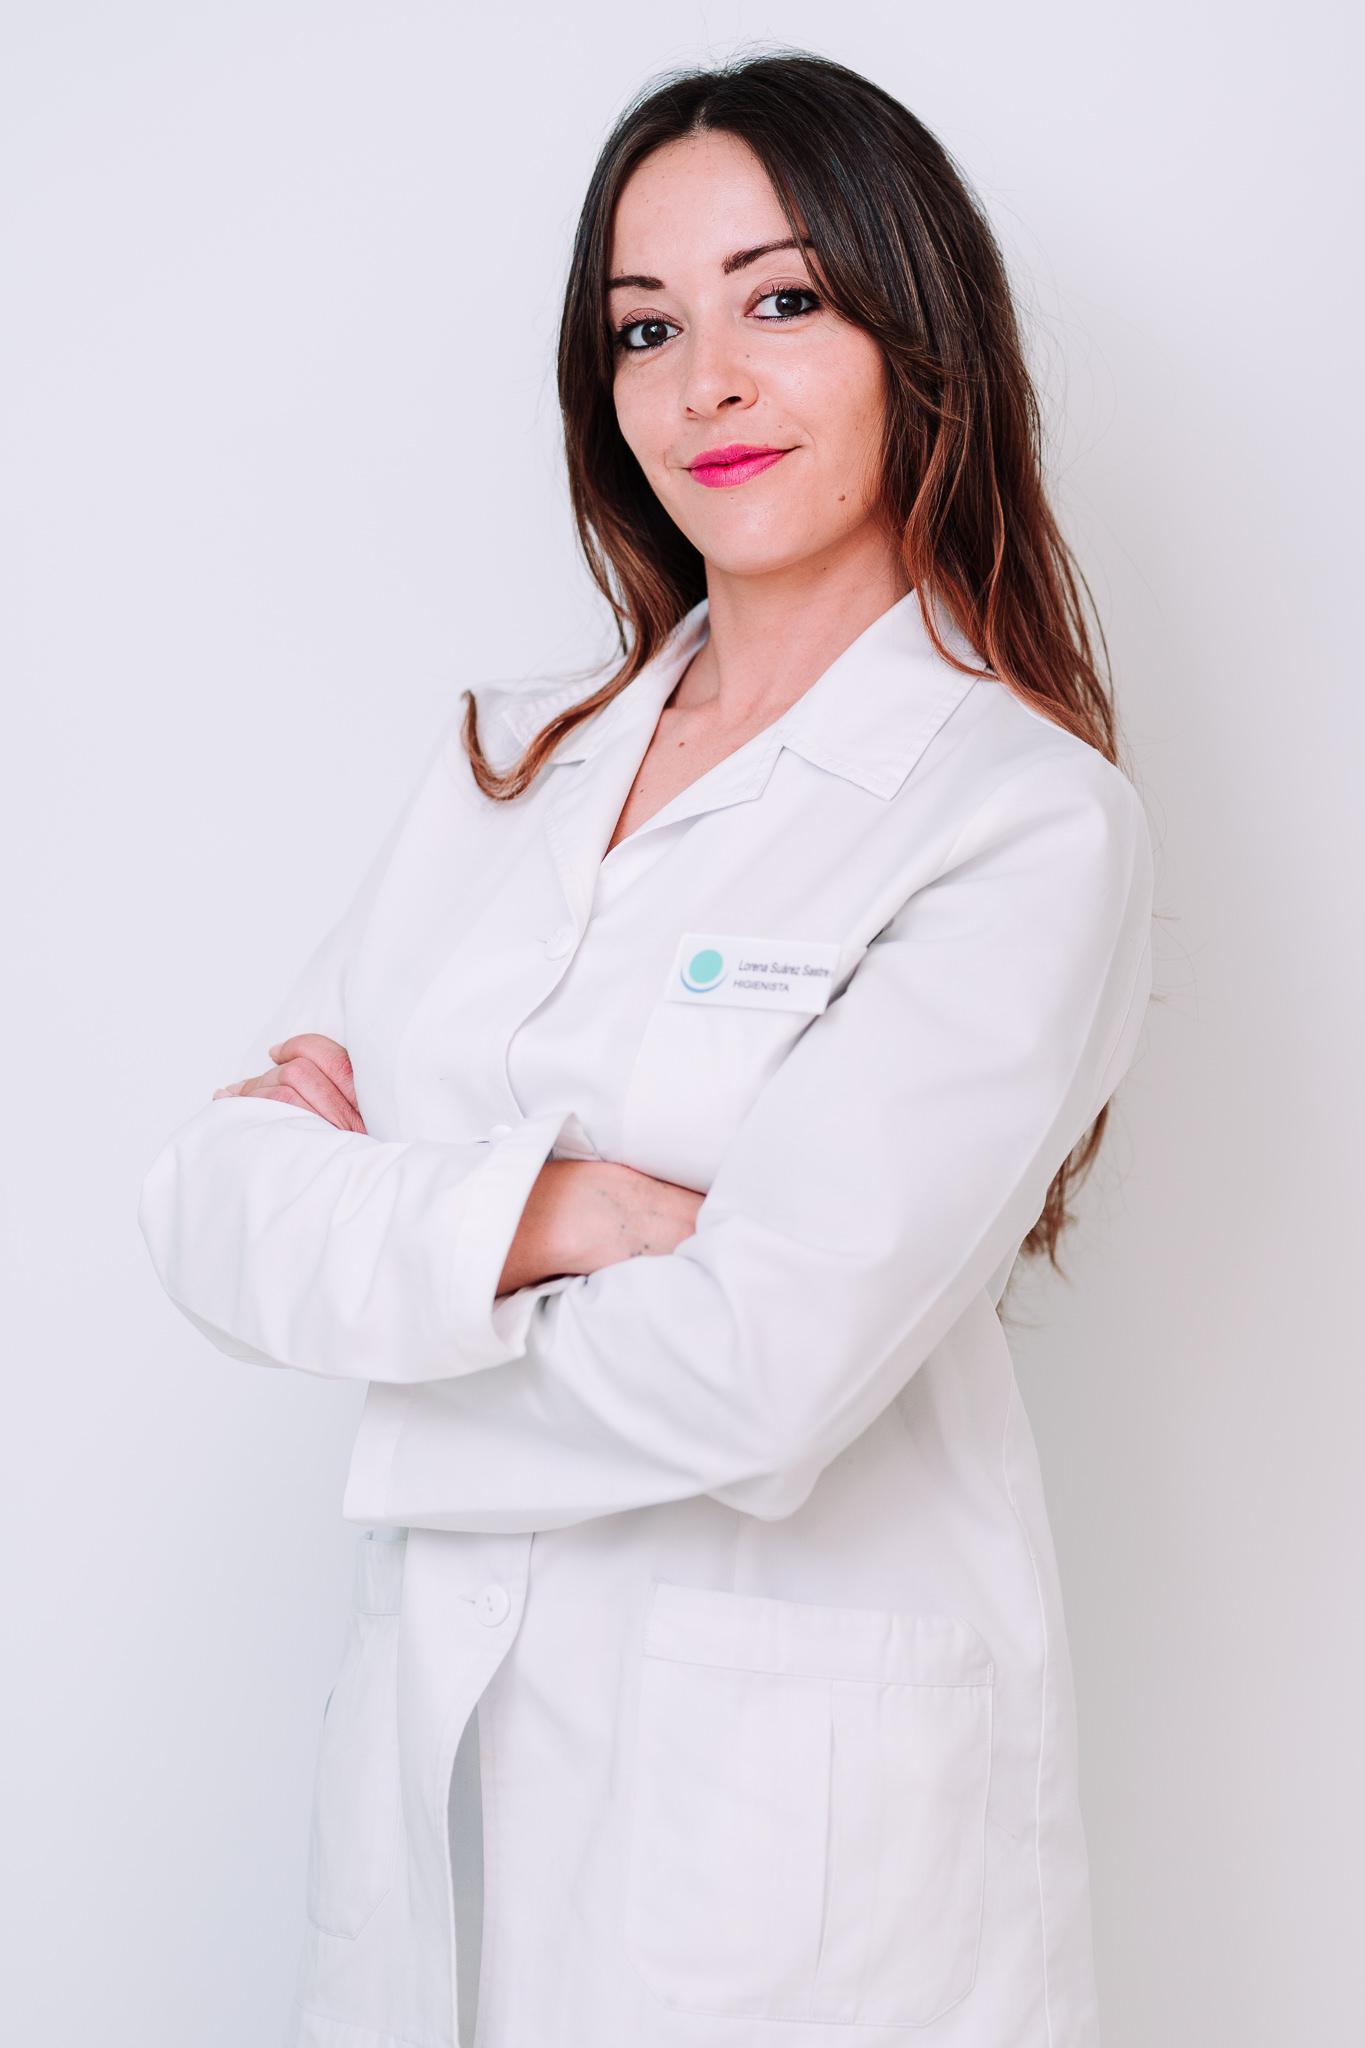 Dña. Lara Suárez